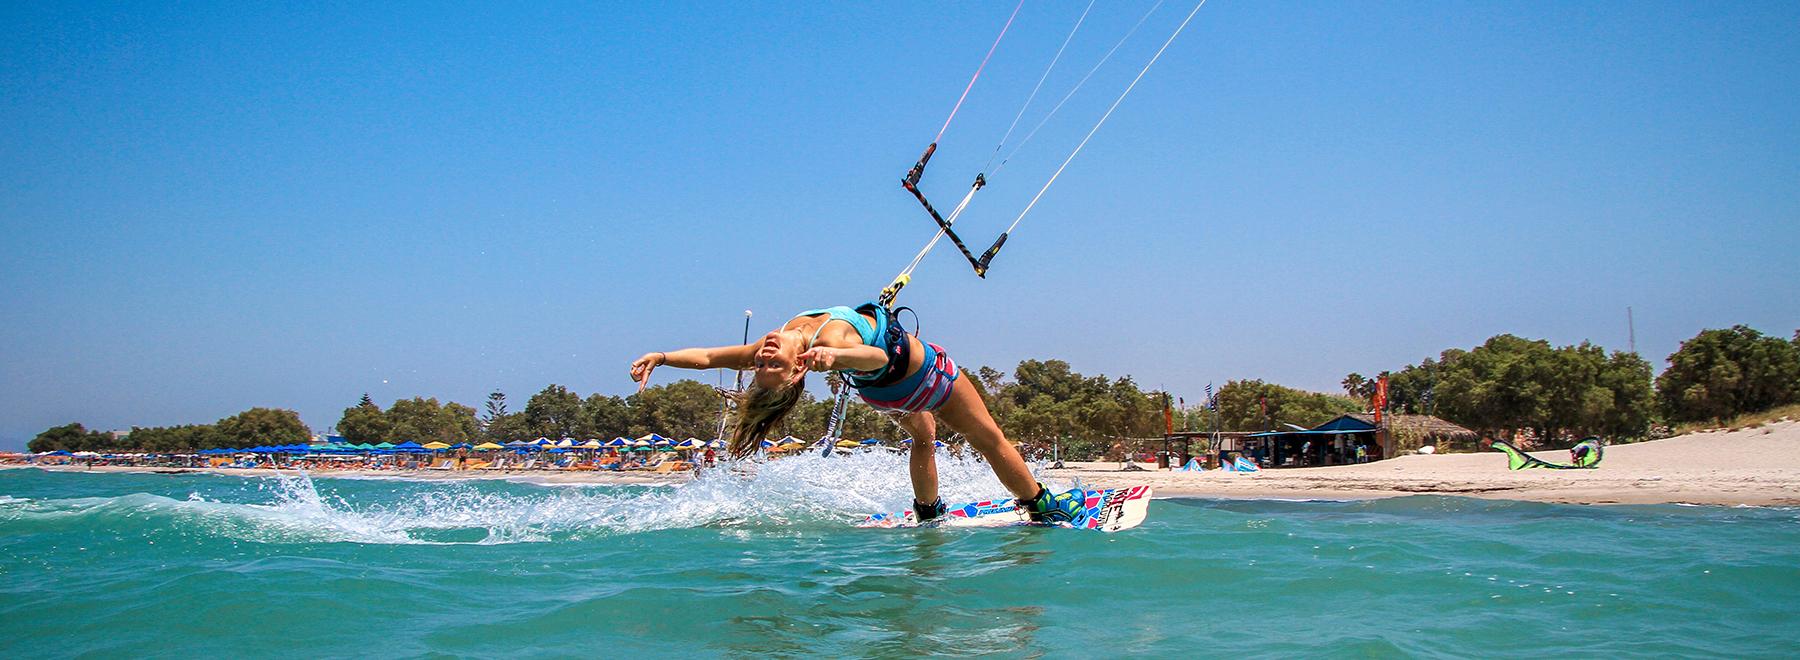 Mit KiteWorldWide zum Kitesurfen auf Kos, Griechenland